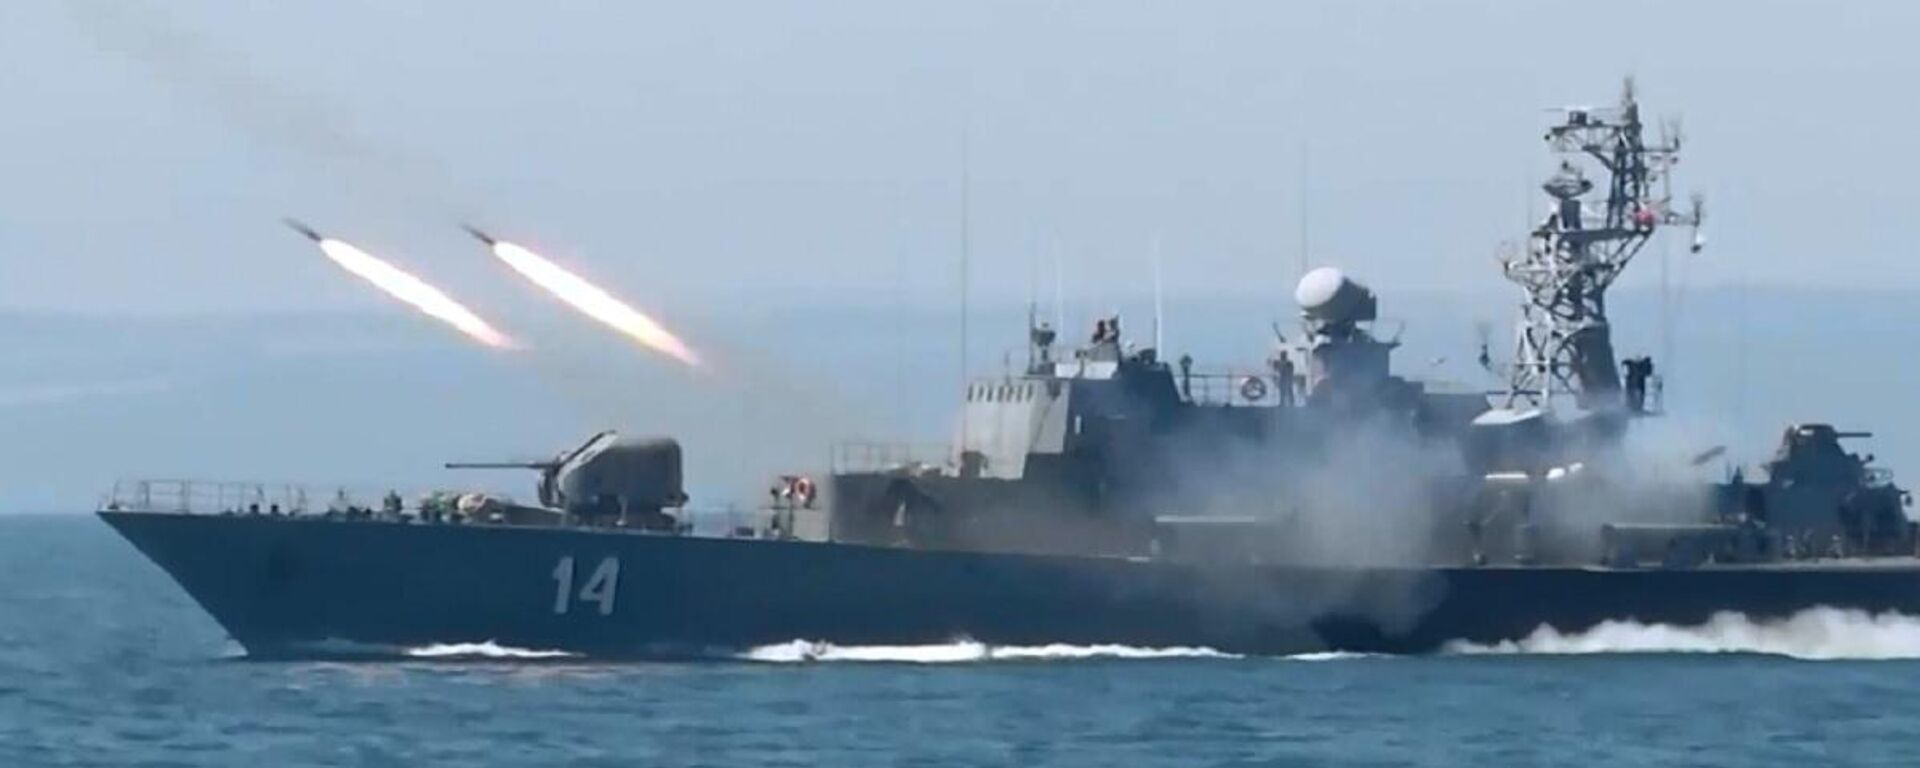 Le forze aeree e navali della NATO hanno svolto esercitazioni nel Mar Nero vicino a Varna in Bulgaria - Sputnik Italia, 1920, 17.07.2021